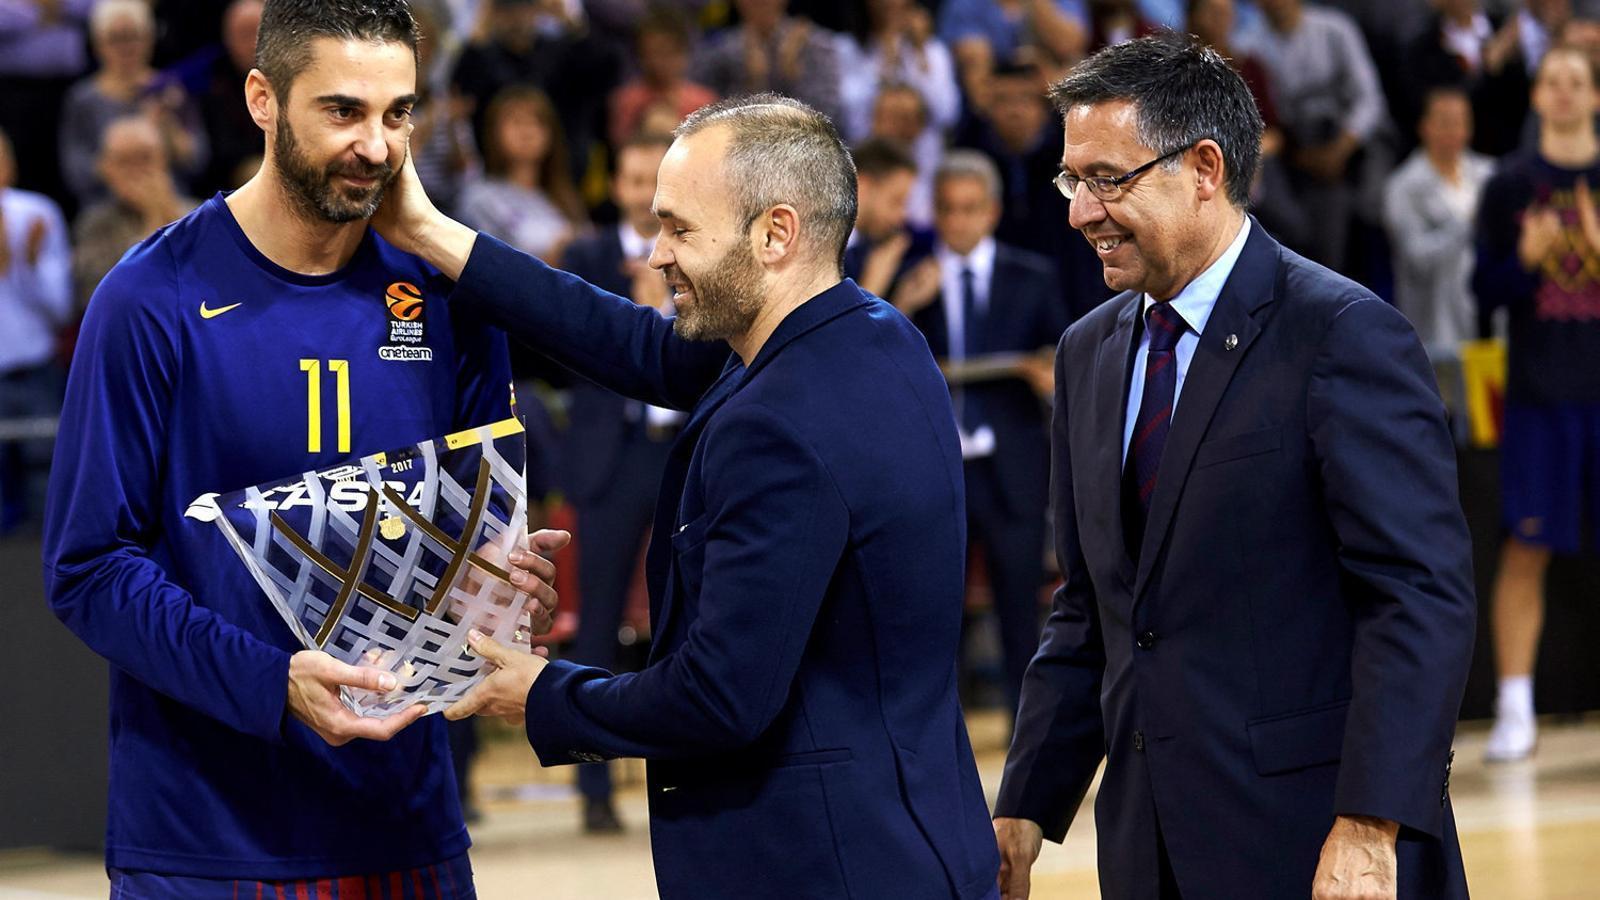 Joan Carles Navarro, capità del Barça Lassa, rebent un trofeu de mans d'Andrés Iniesta durant l'homenatge previ al partit.